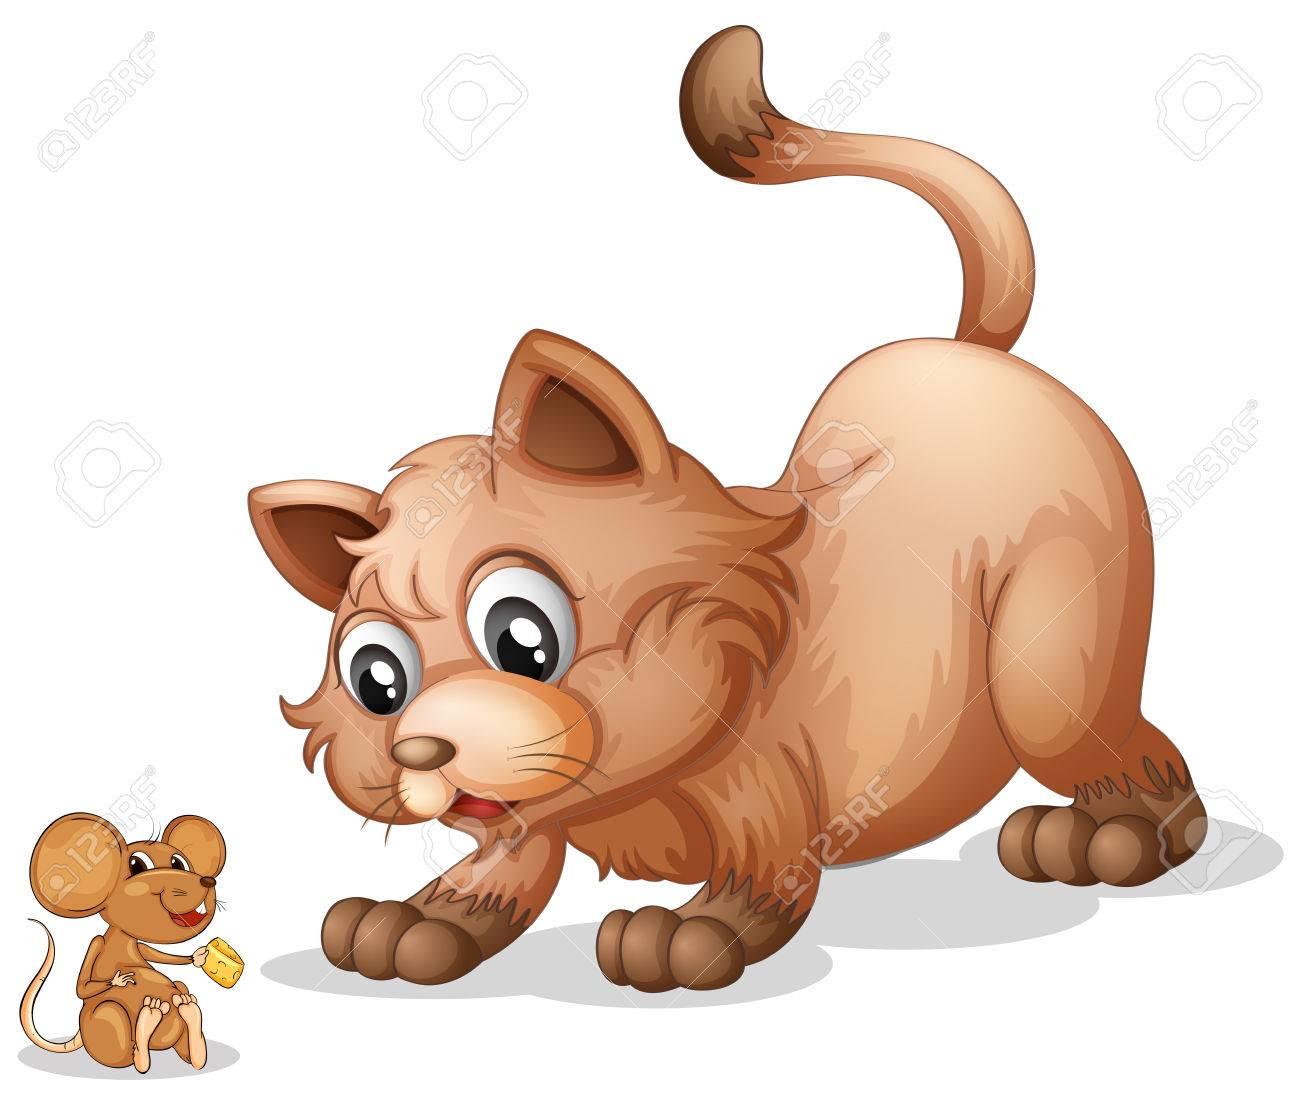 Ilustración De Un Gato Y Un Ratón Ilustraciones Vectoriales Clip Art Vectorizado Libre De Derechos Image 30598825